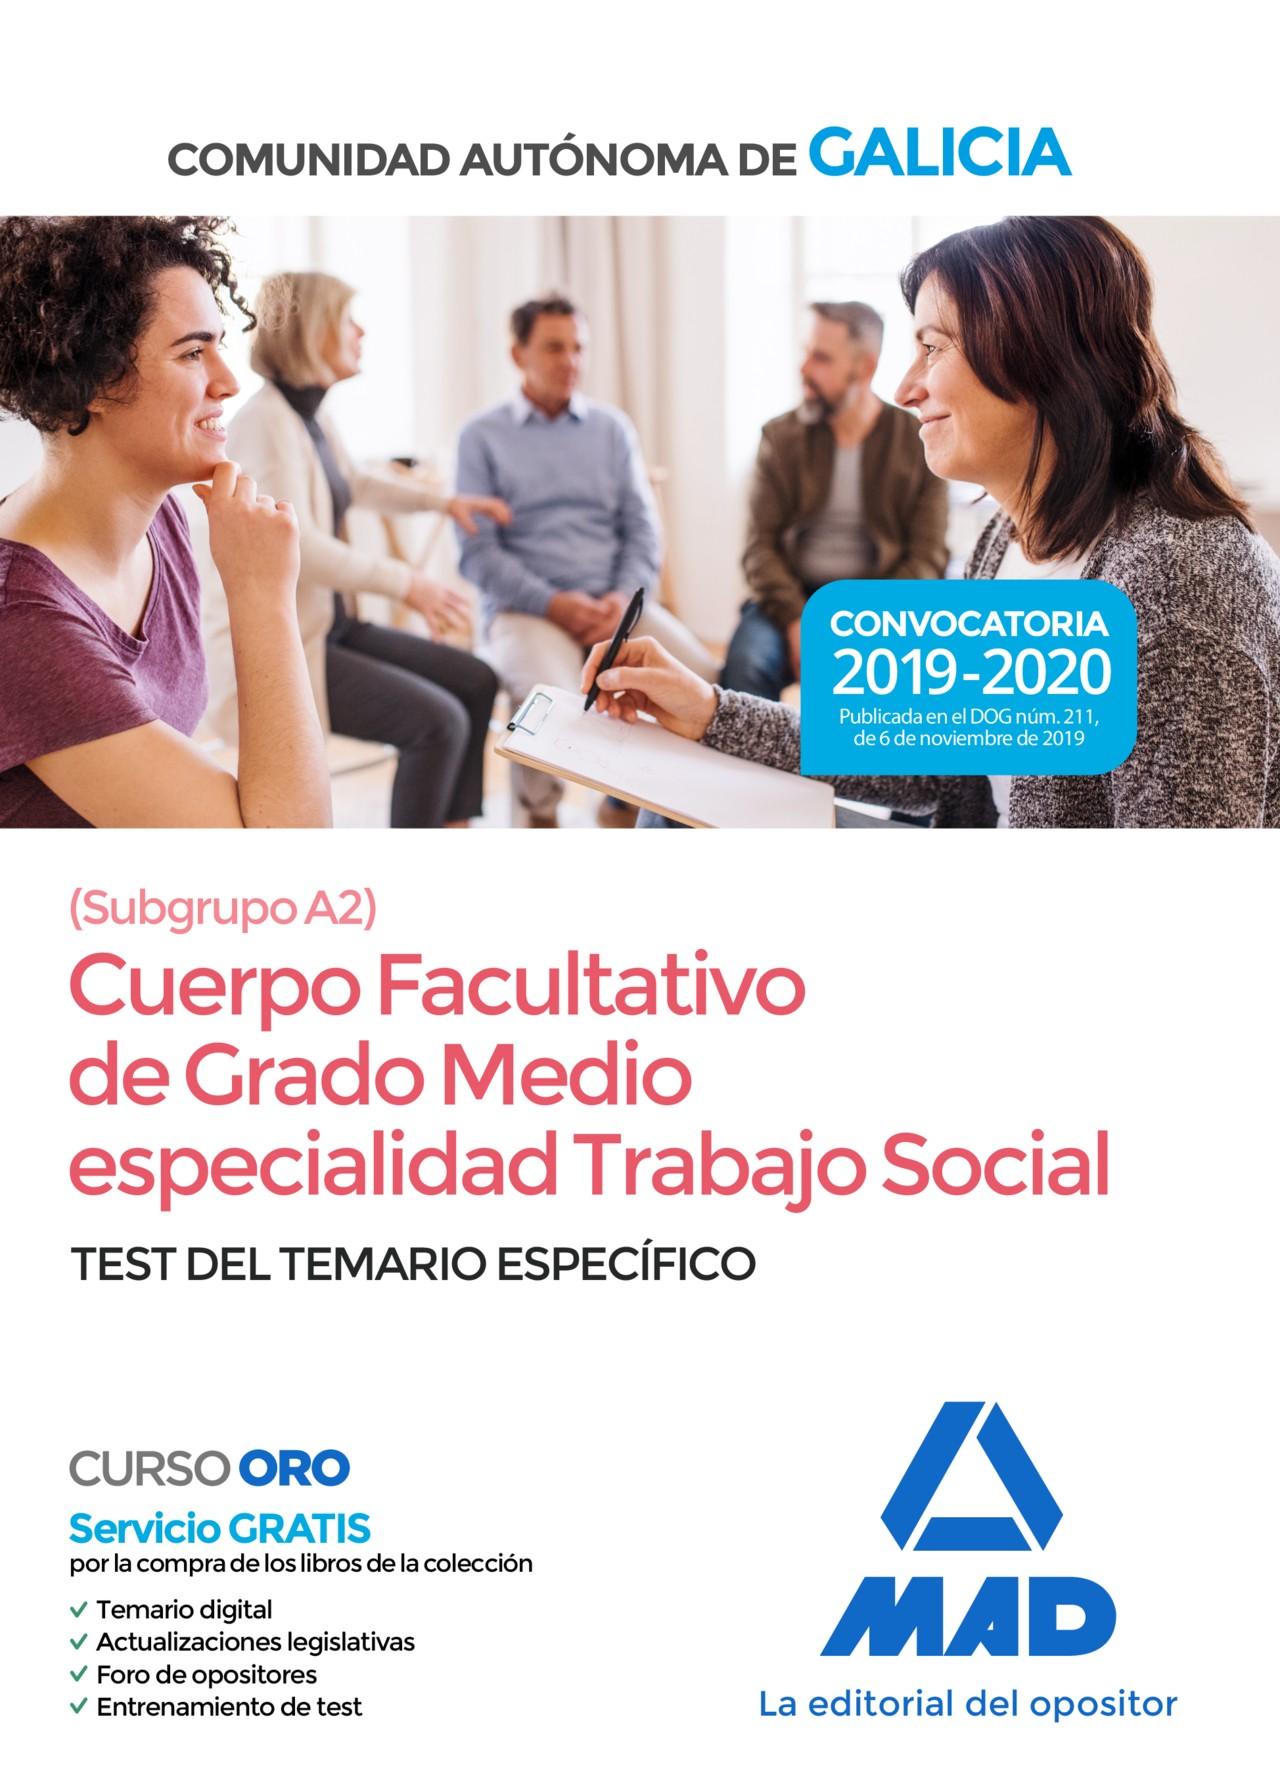 Cuerpo facultativo de grado medio de la Comunidad Autónoma de Galicia (subgrupo A2) especialidad Trabajo Social